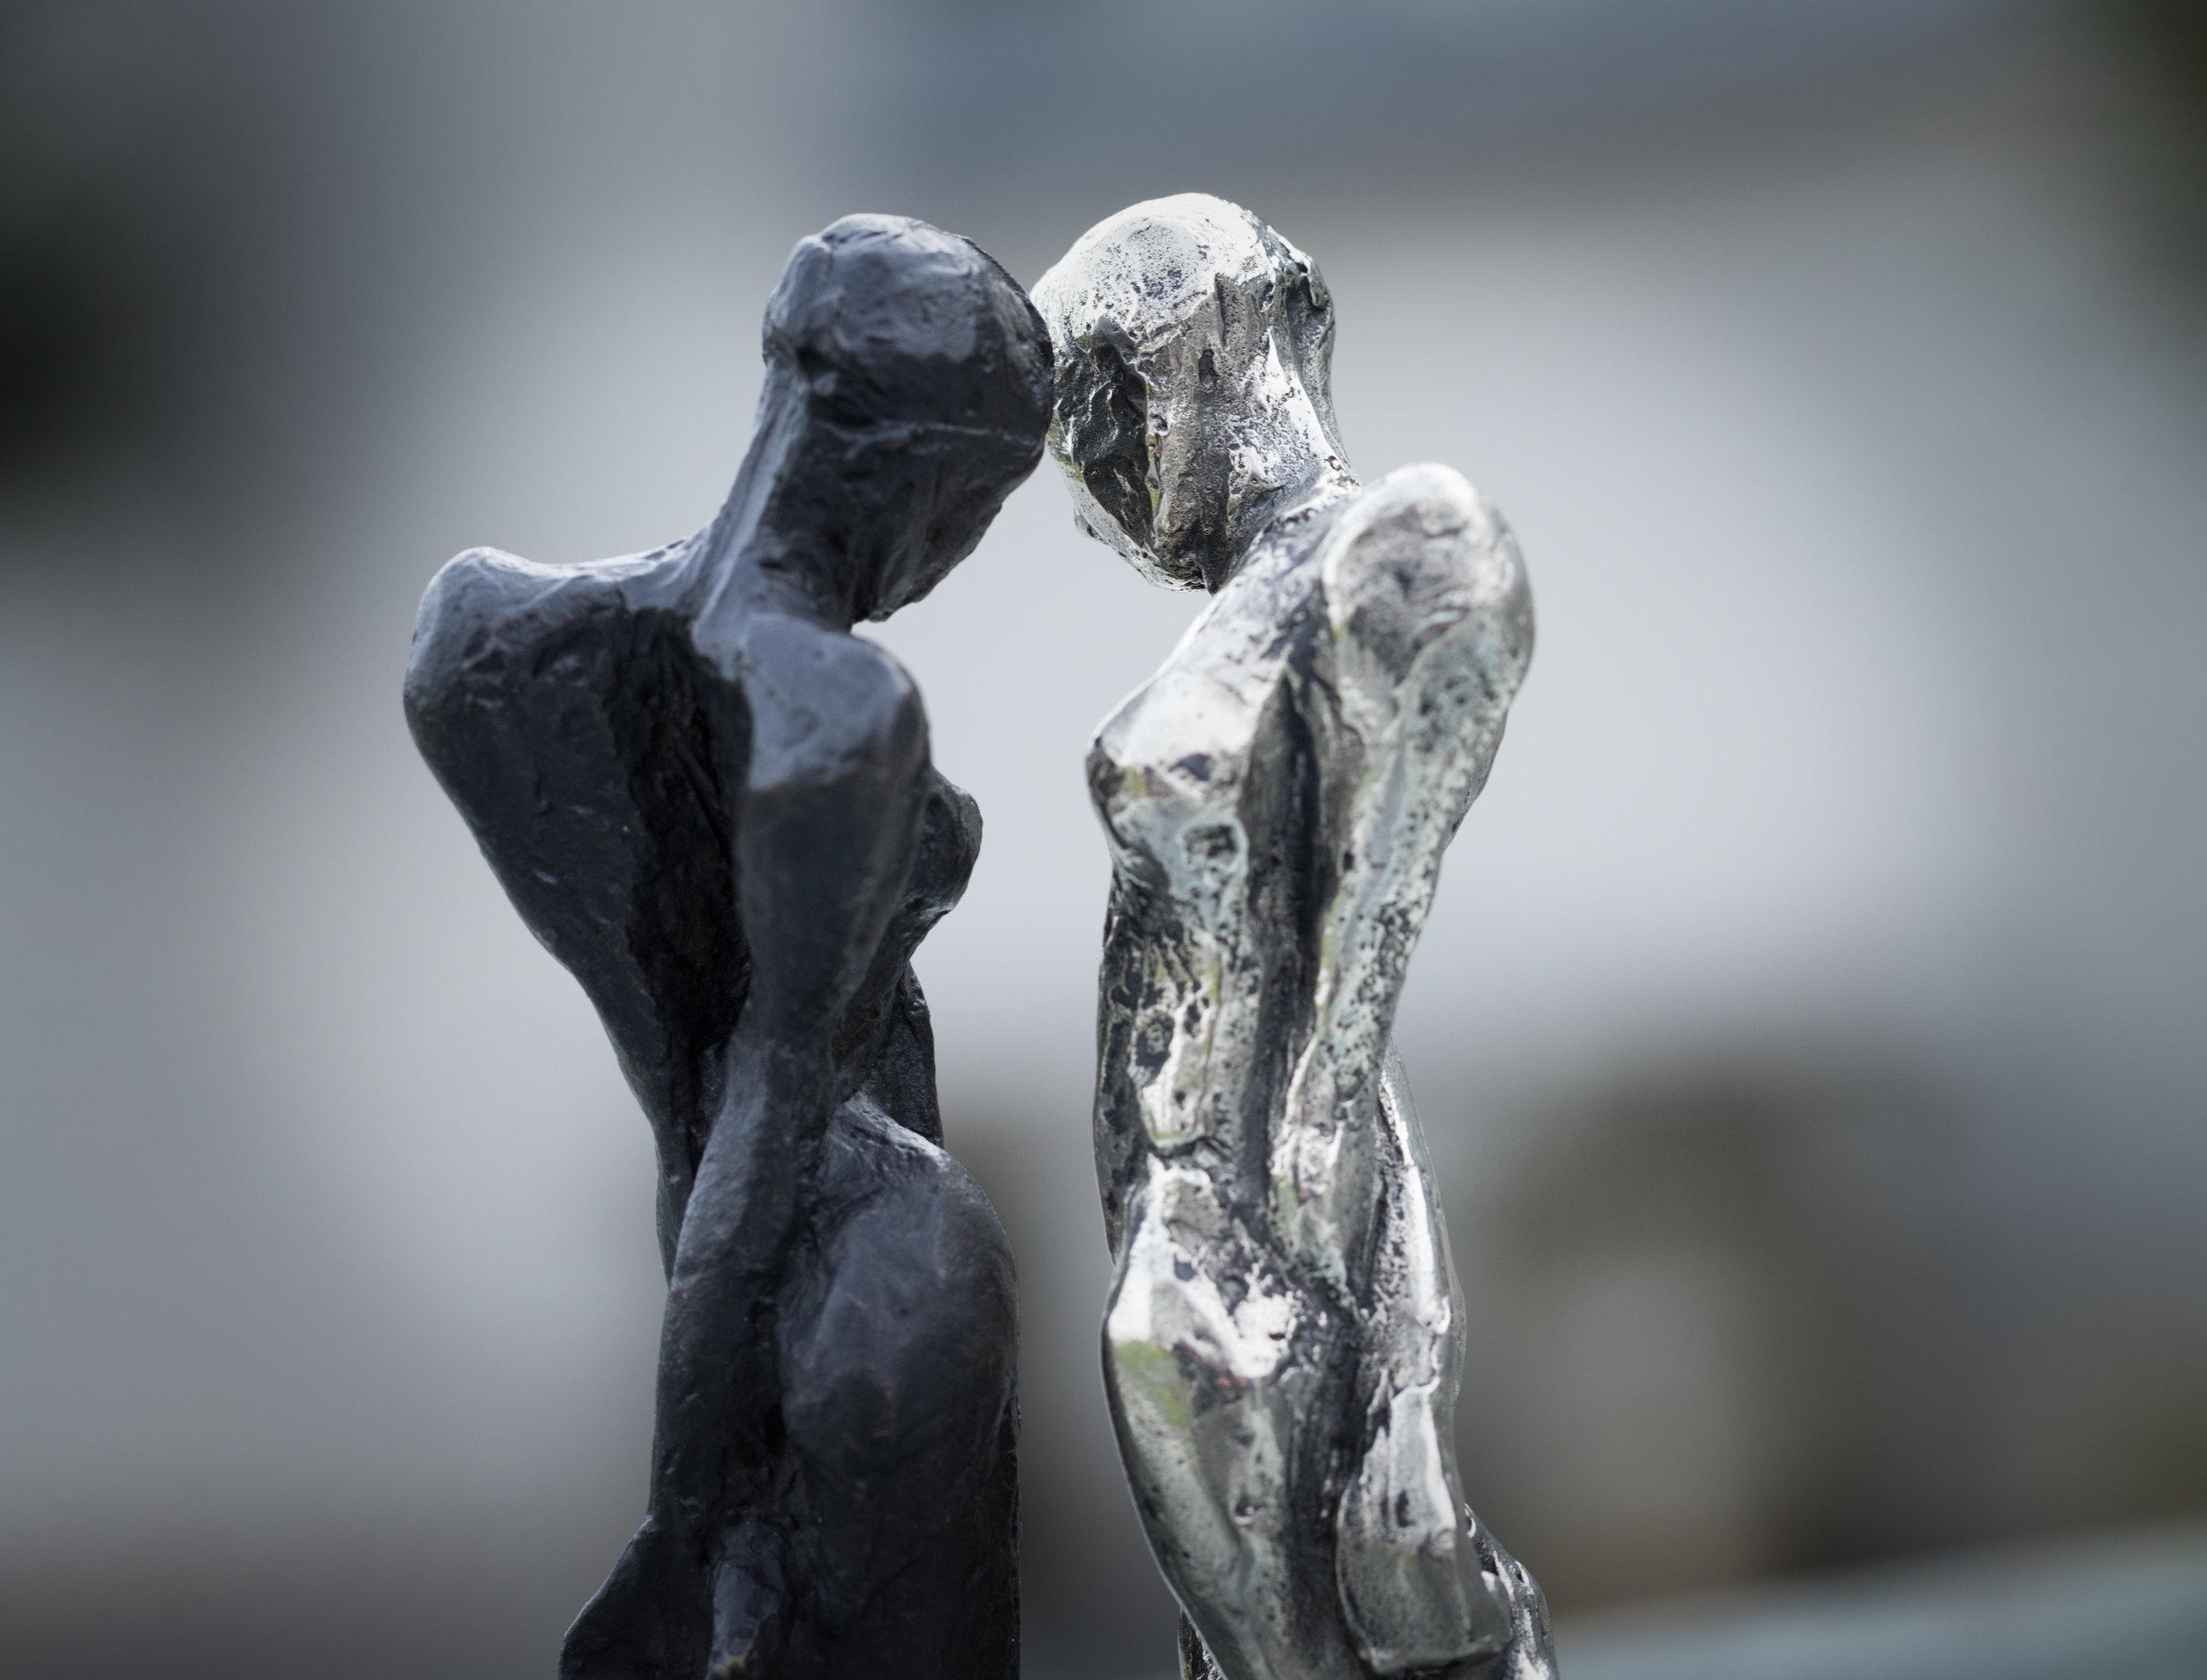 Artist: Kate Viner  Title: Fallen Angels (pair)  Size:  6 x 4 x 3 cm  Medium: Bronze and white bronze  Price: £650